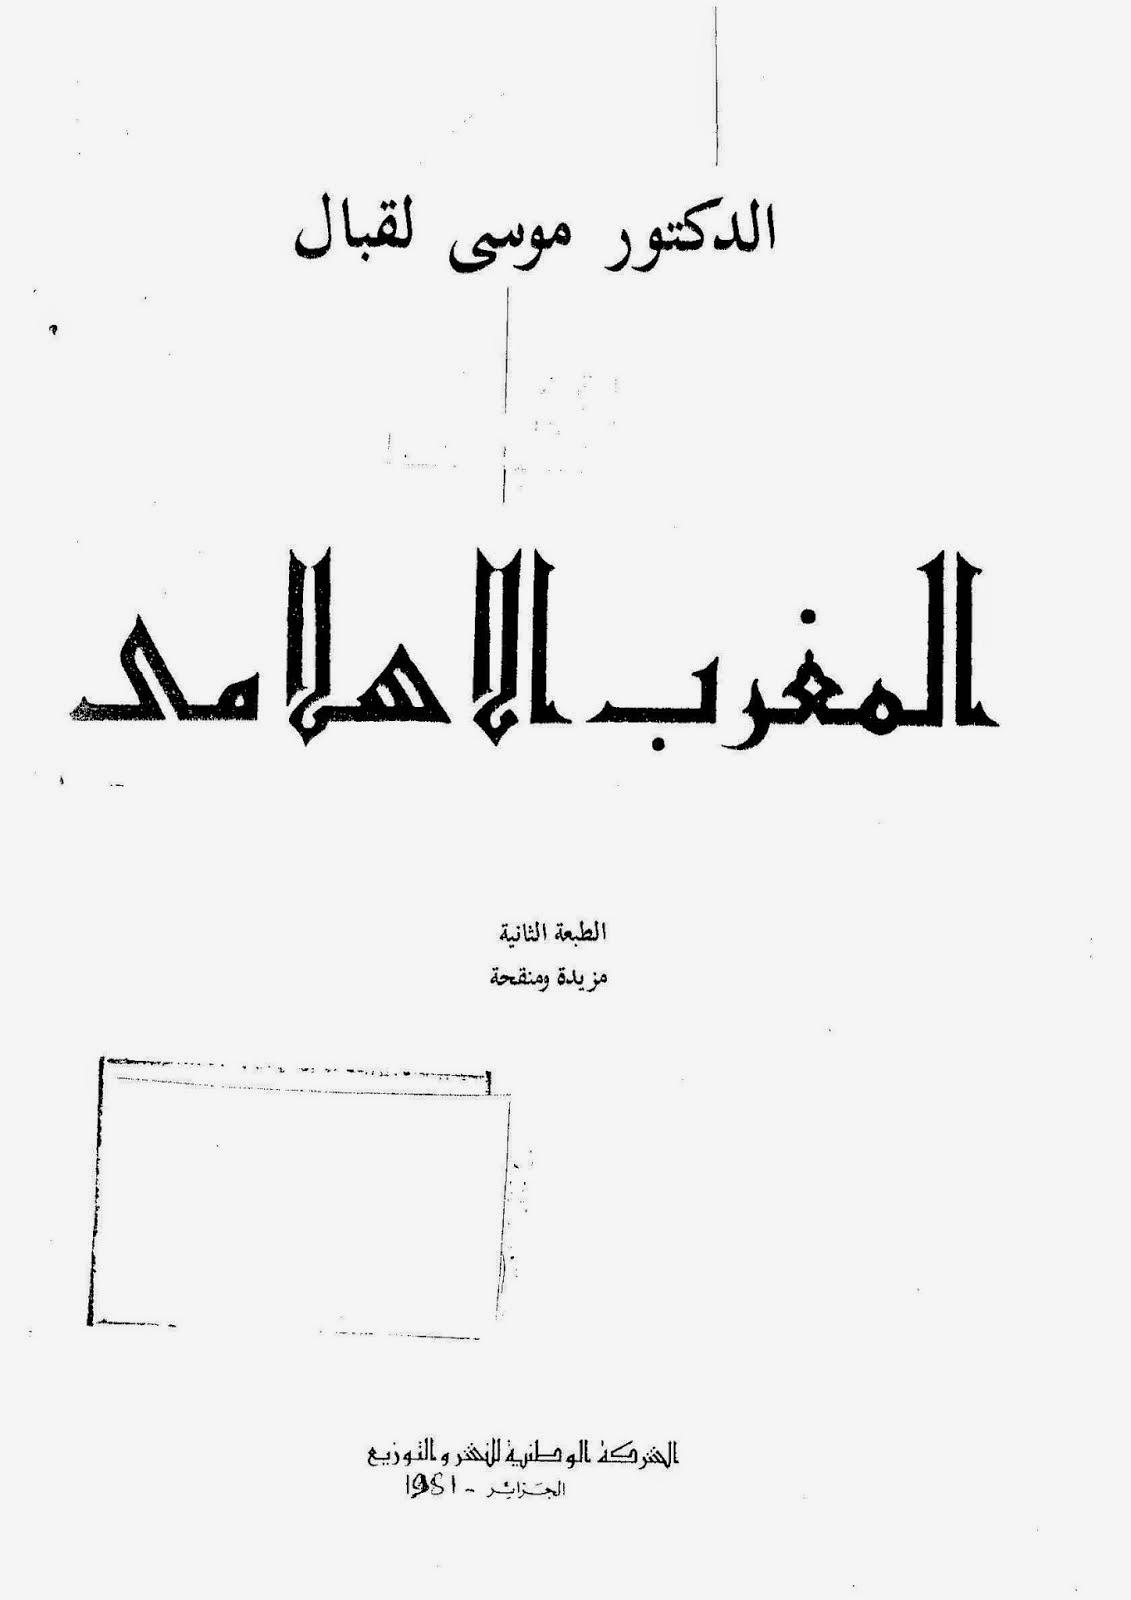 المغرب الإسلامي لـ موسى لقبال